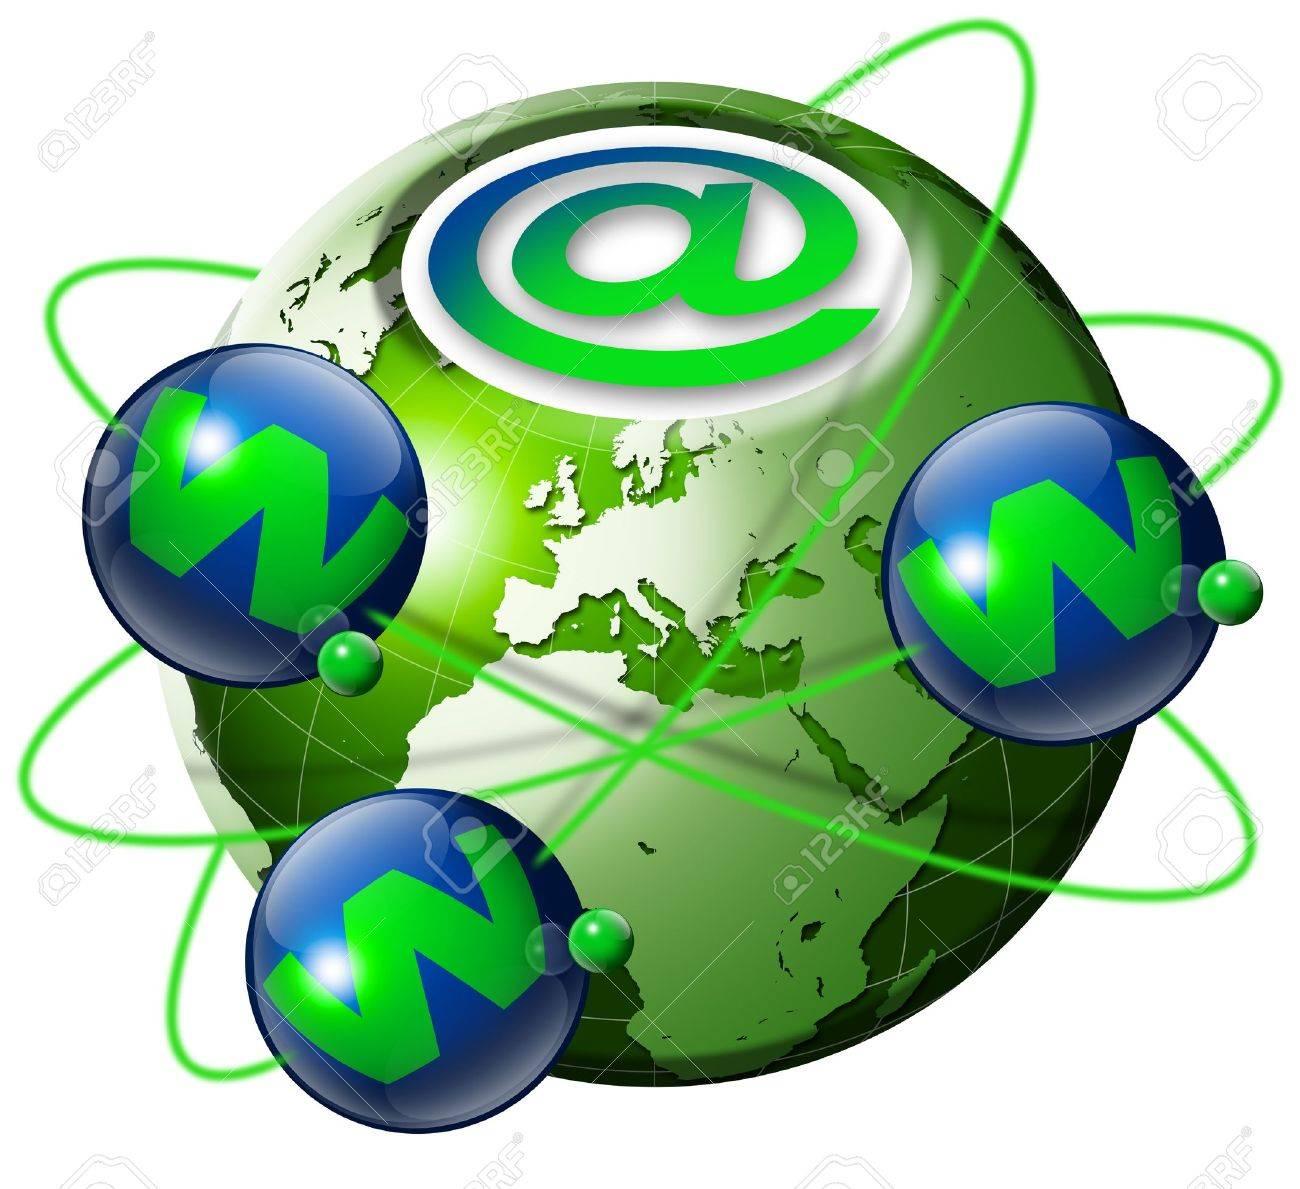 Ilustración Símbolo Www E Internet Con Globo Terrestre Verde Y 3 ...